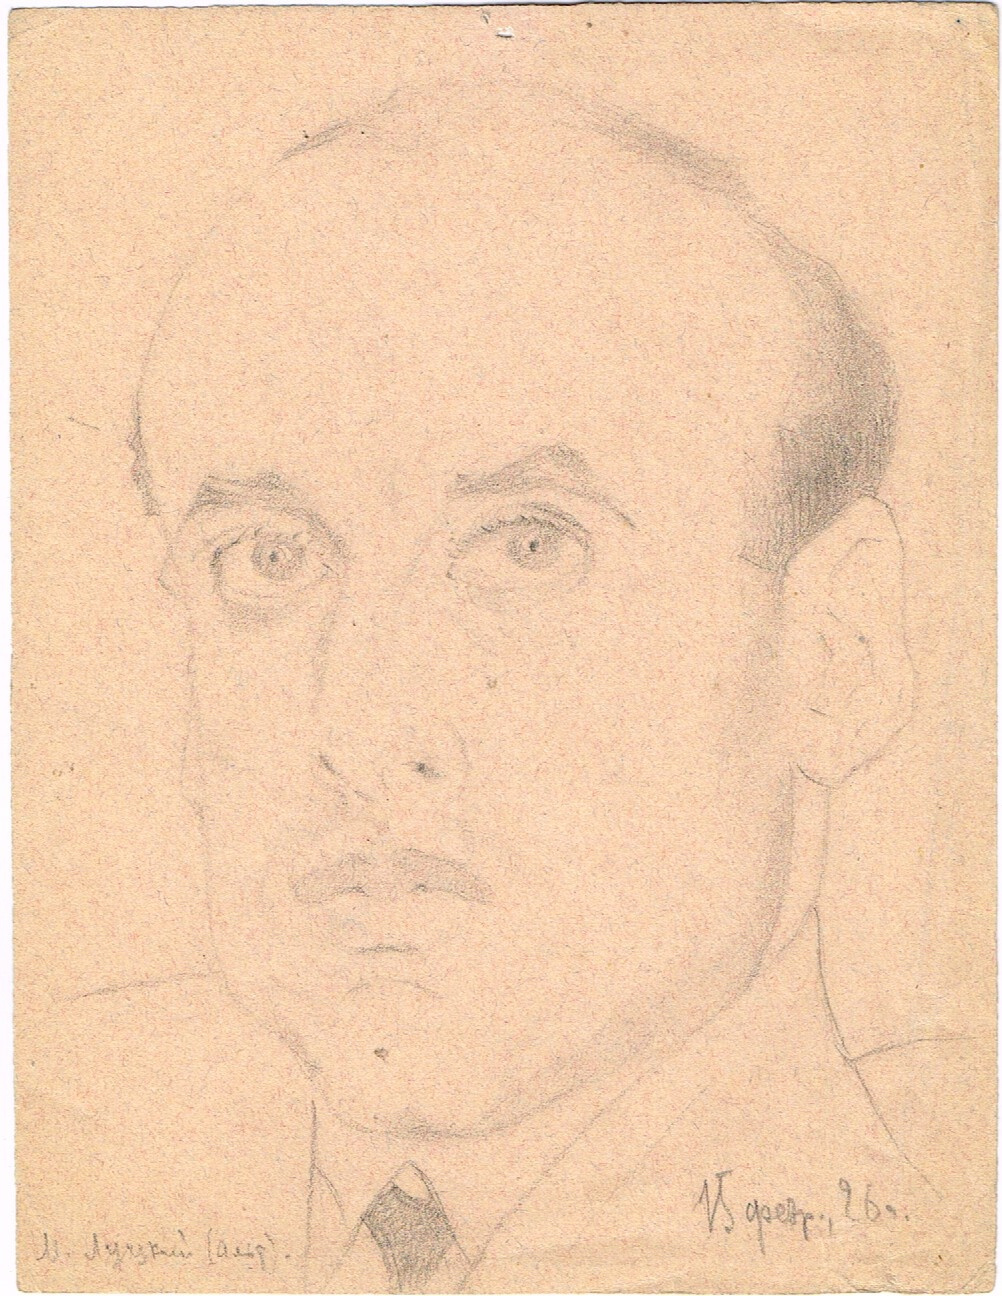 Unknown artist. Portrait of M. Lutsky